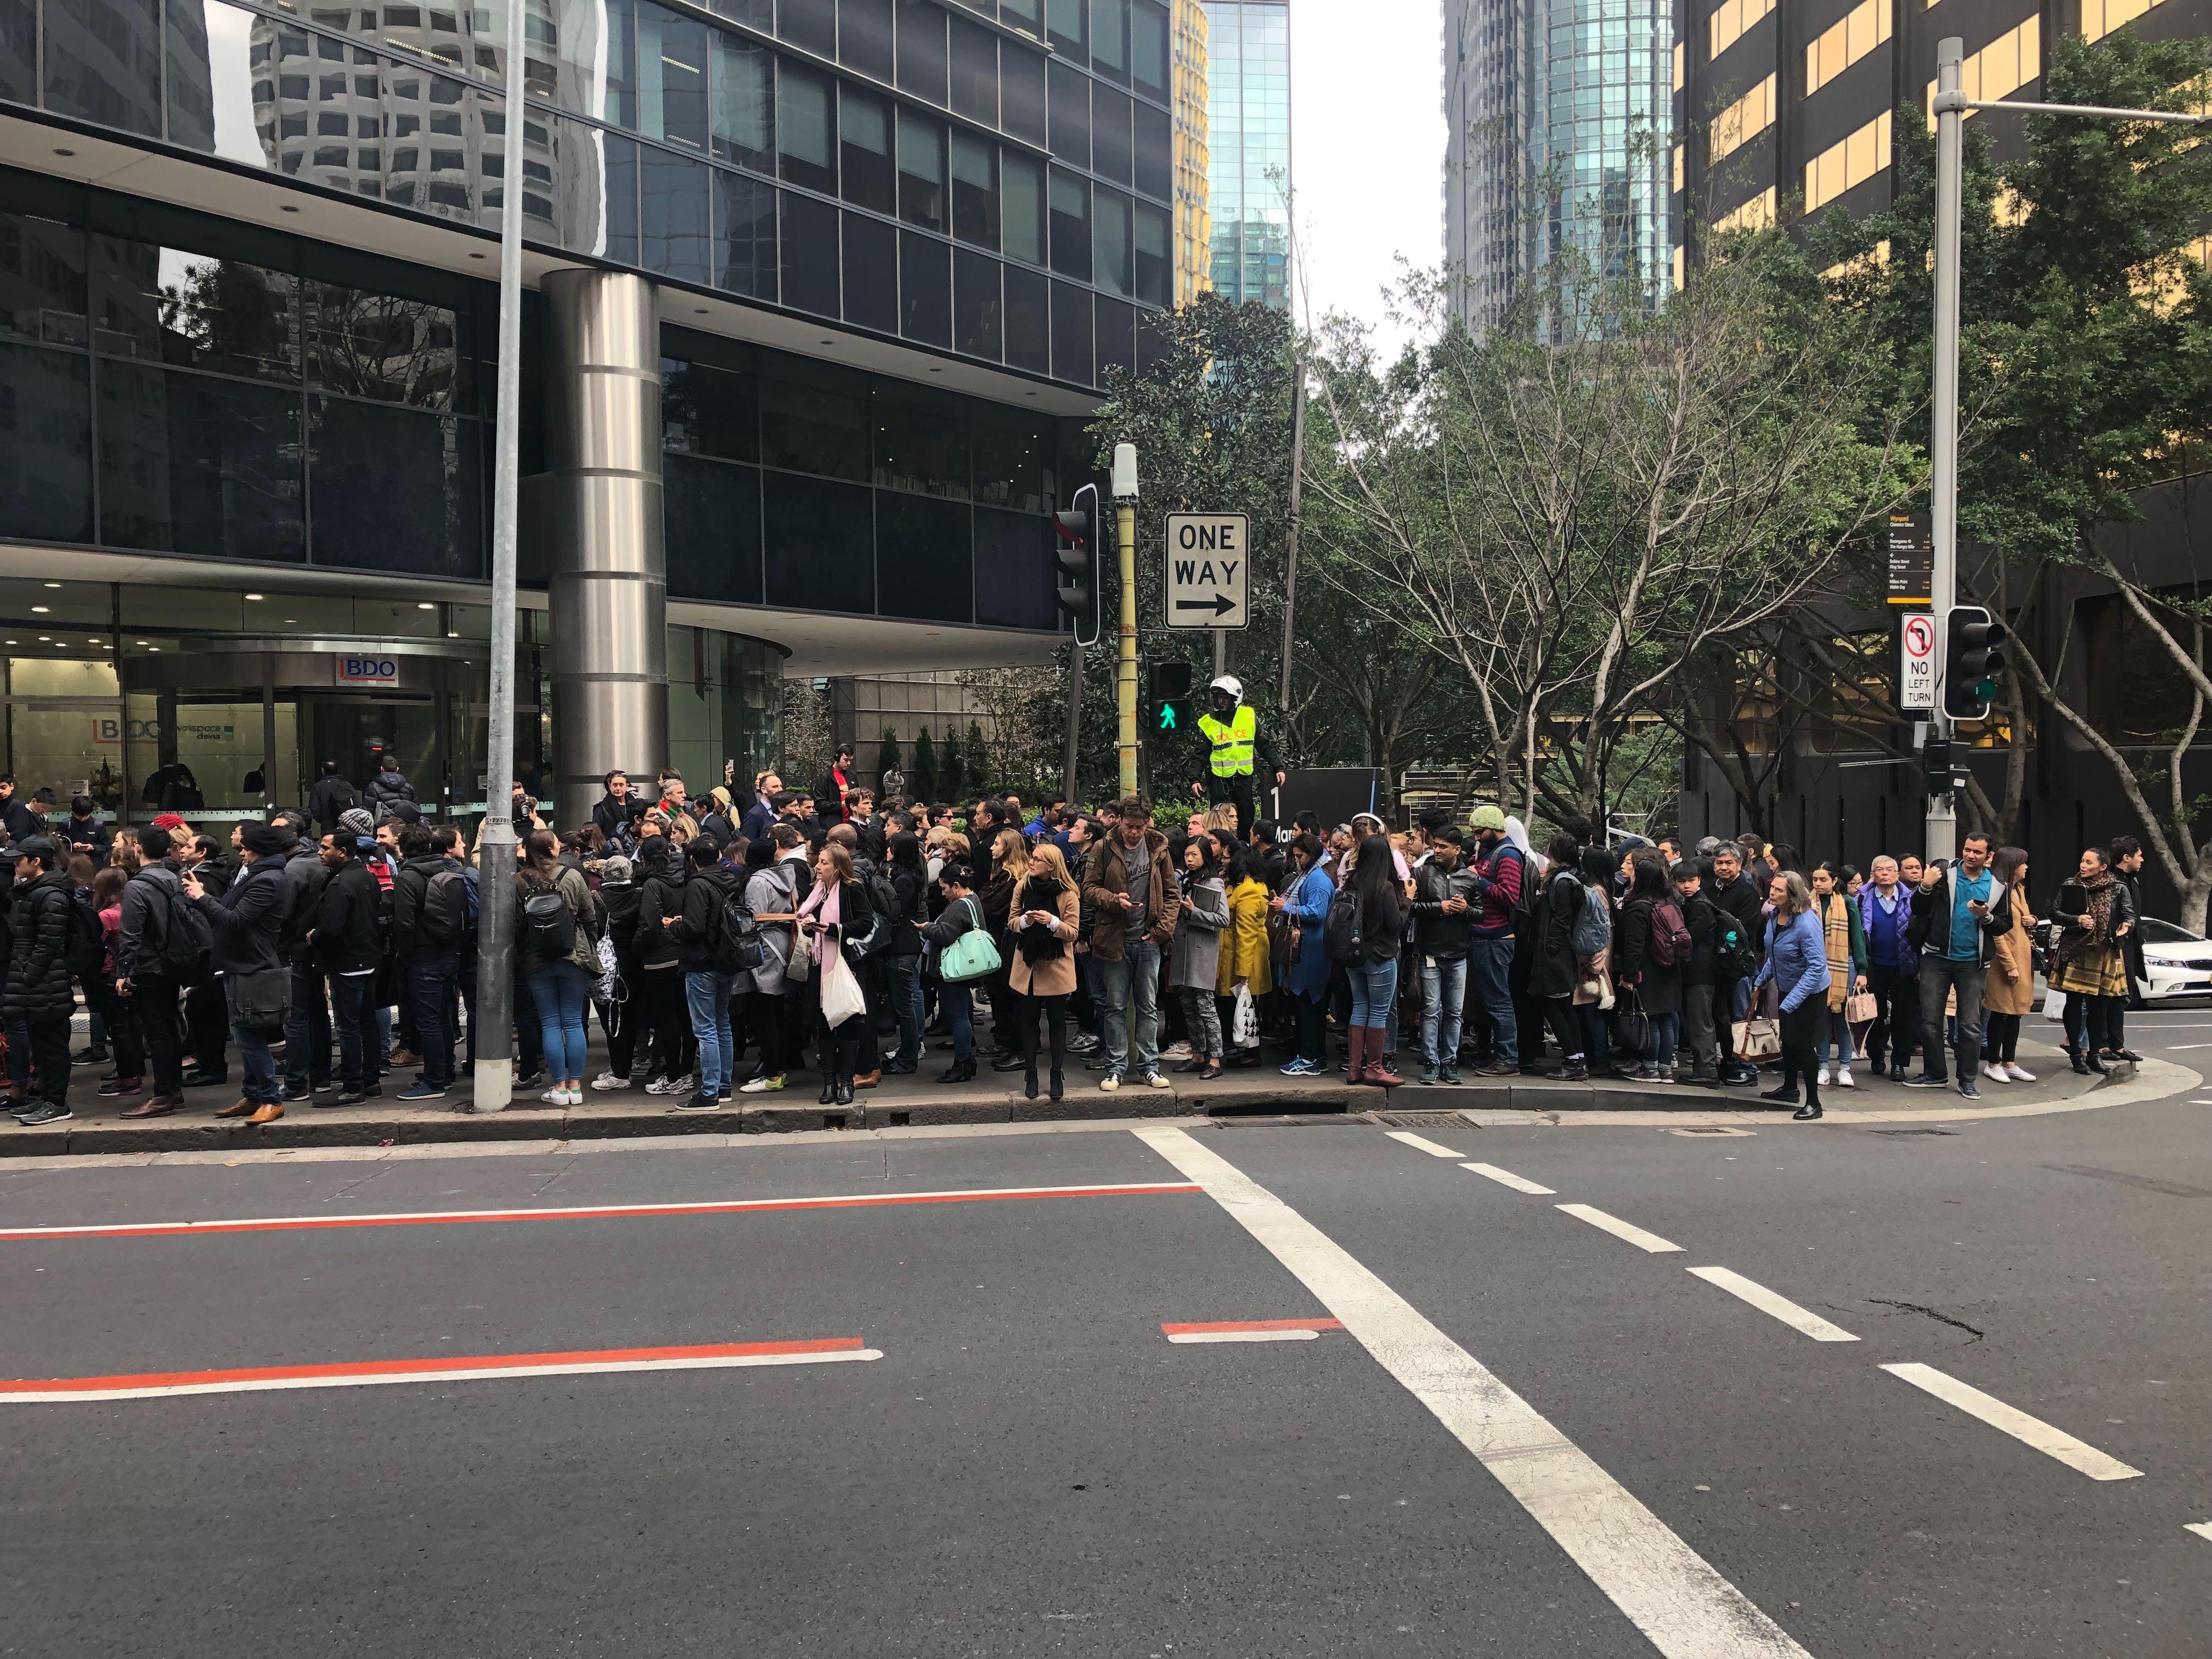 Chaos across Sydney rail network after train breaks down